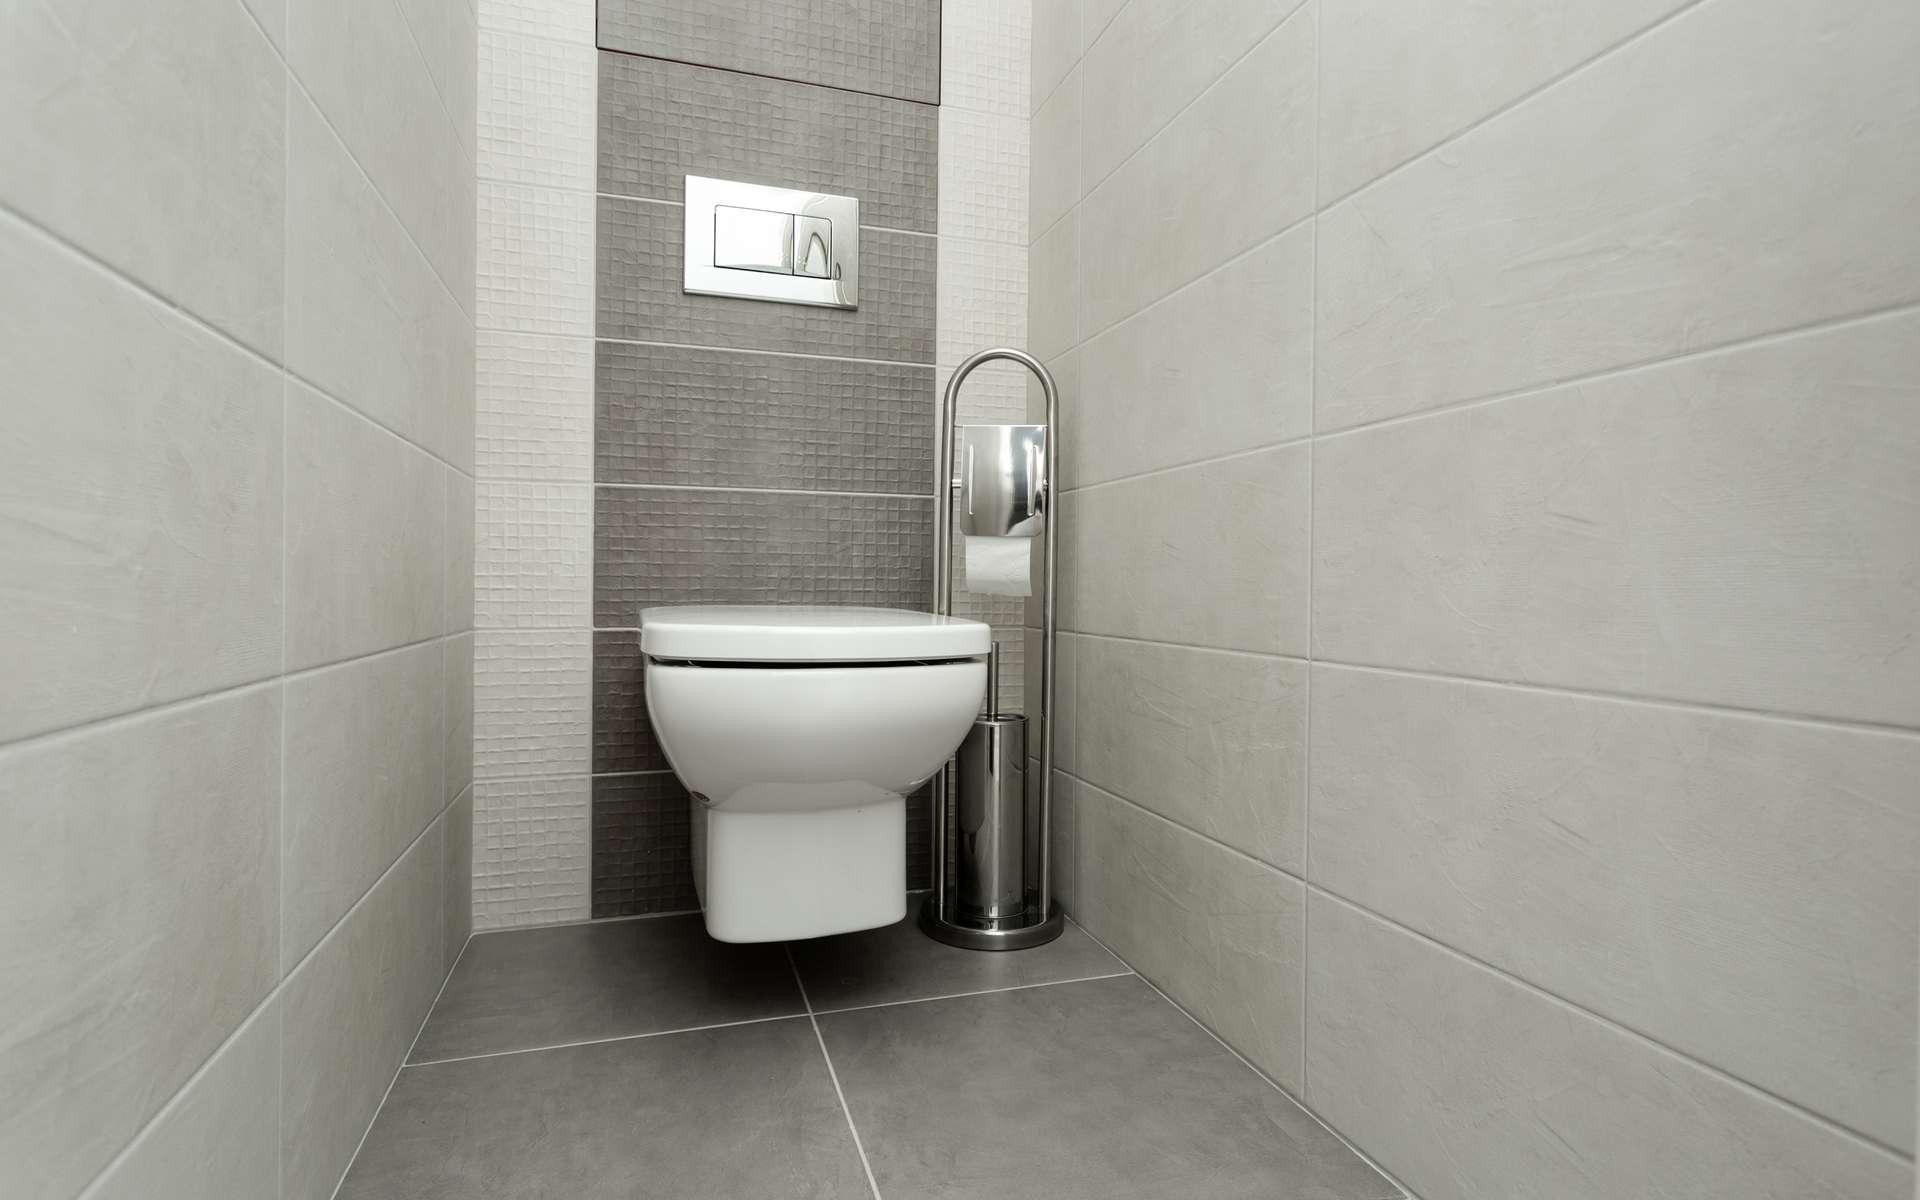 Résolument moderne, un WC suspendu permet de nettoyer facilement le sol des toilettes et offre une sensation d'espace dans la pièce. ©©Елена Нестерова / Adobe Stock